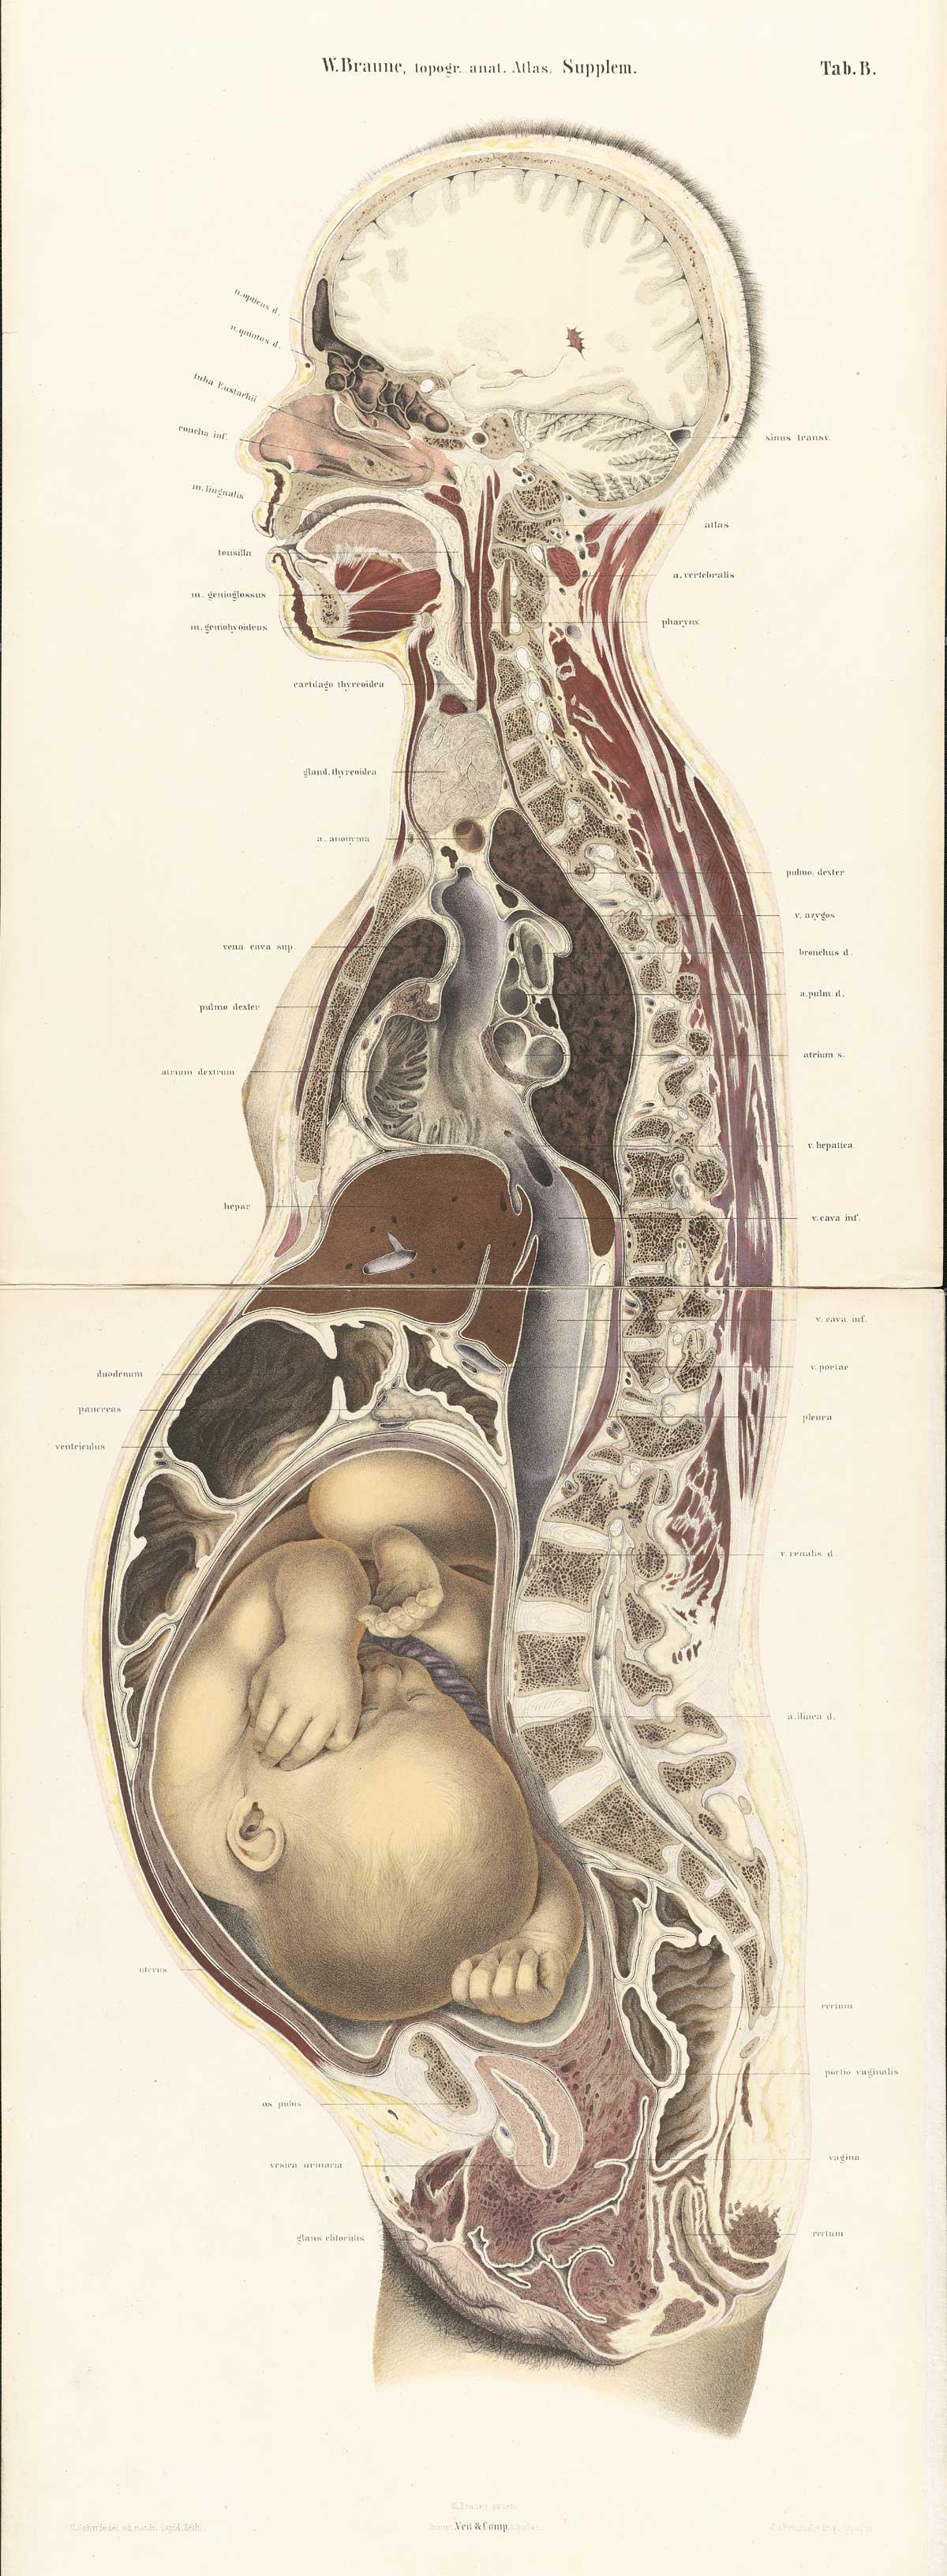 File:Braune Topiographisch-anatomischer Atlas supplement 2 B1.jpg ...